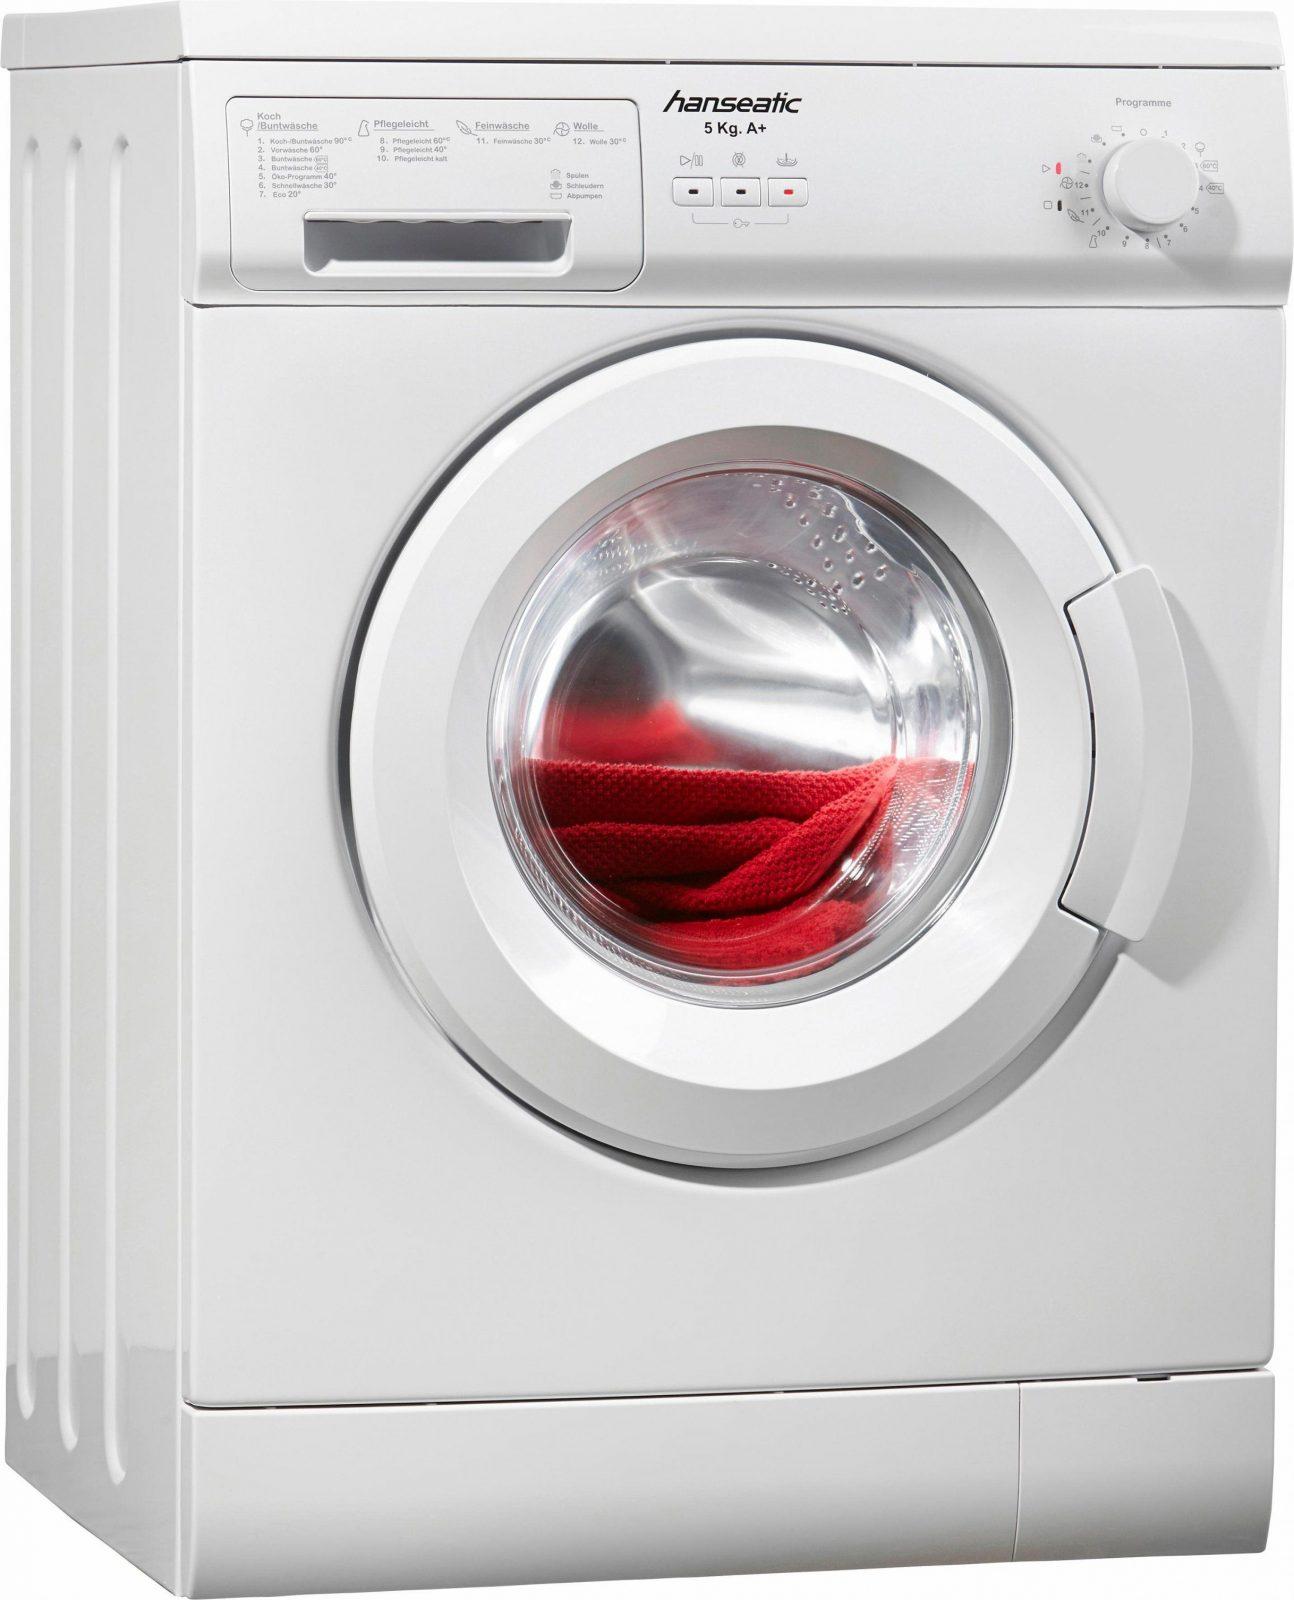 Hanseatic Hwm510A1 Waschmaschine Im Test 2018 von Beko Wml 51431 E Test Photo